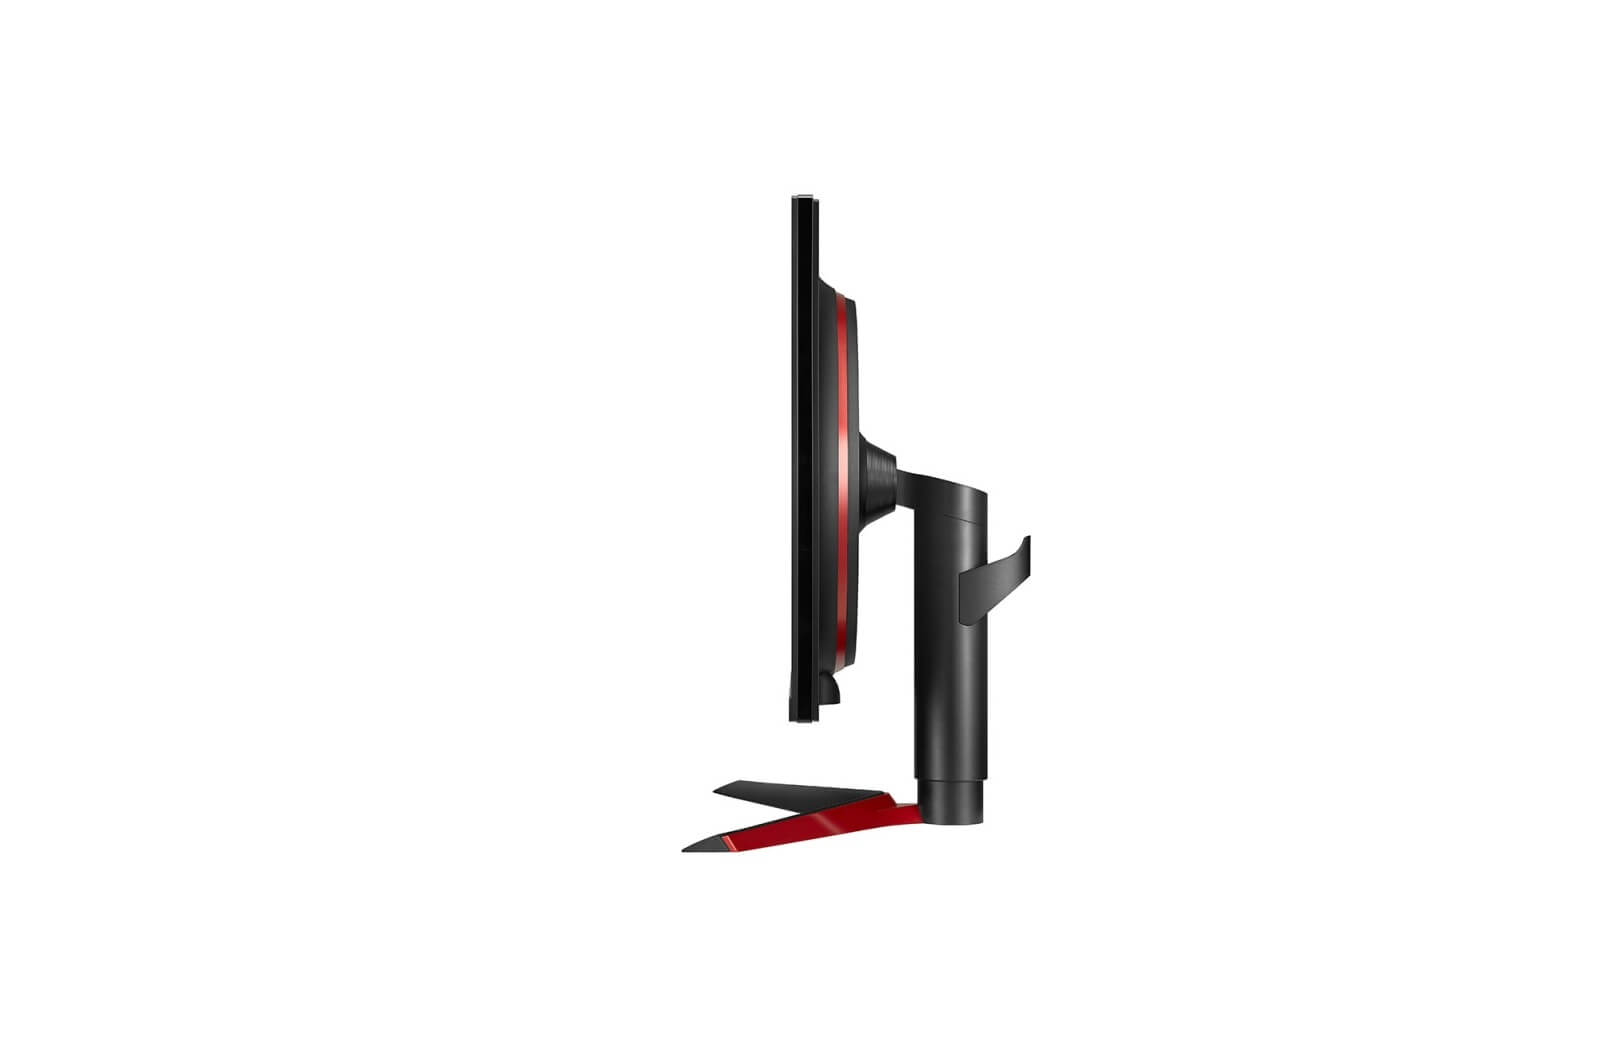 Dünyanın ilk 1ms IPS ekranına Sahip LG UltraGear Oyun Monitörünü Tanıtıldı!